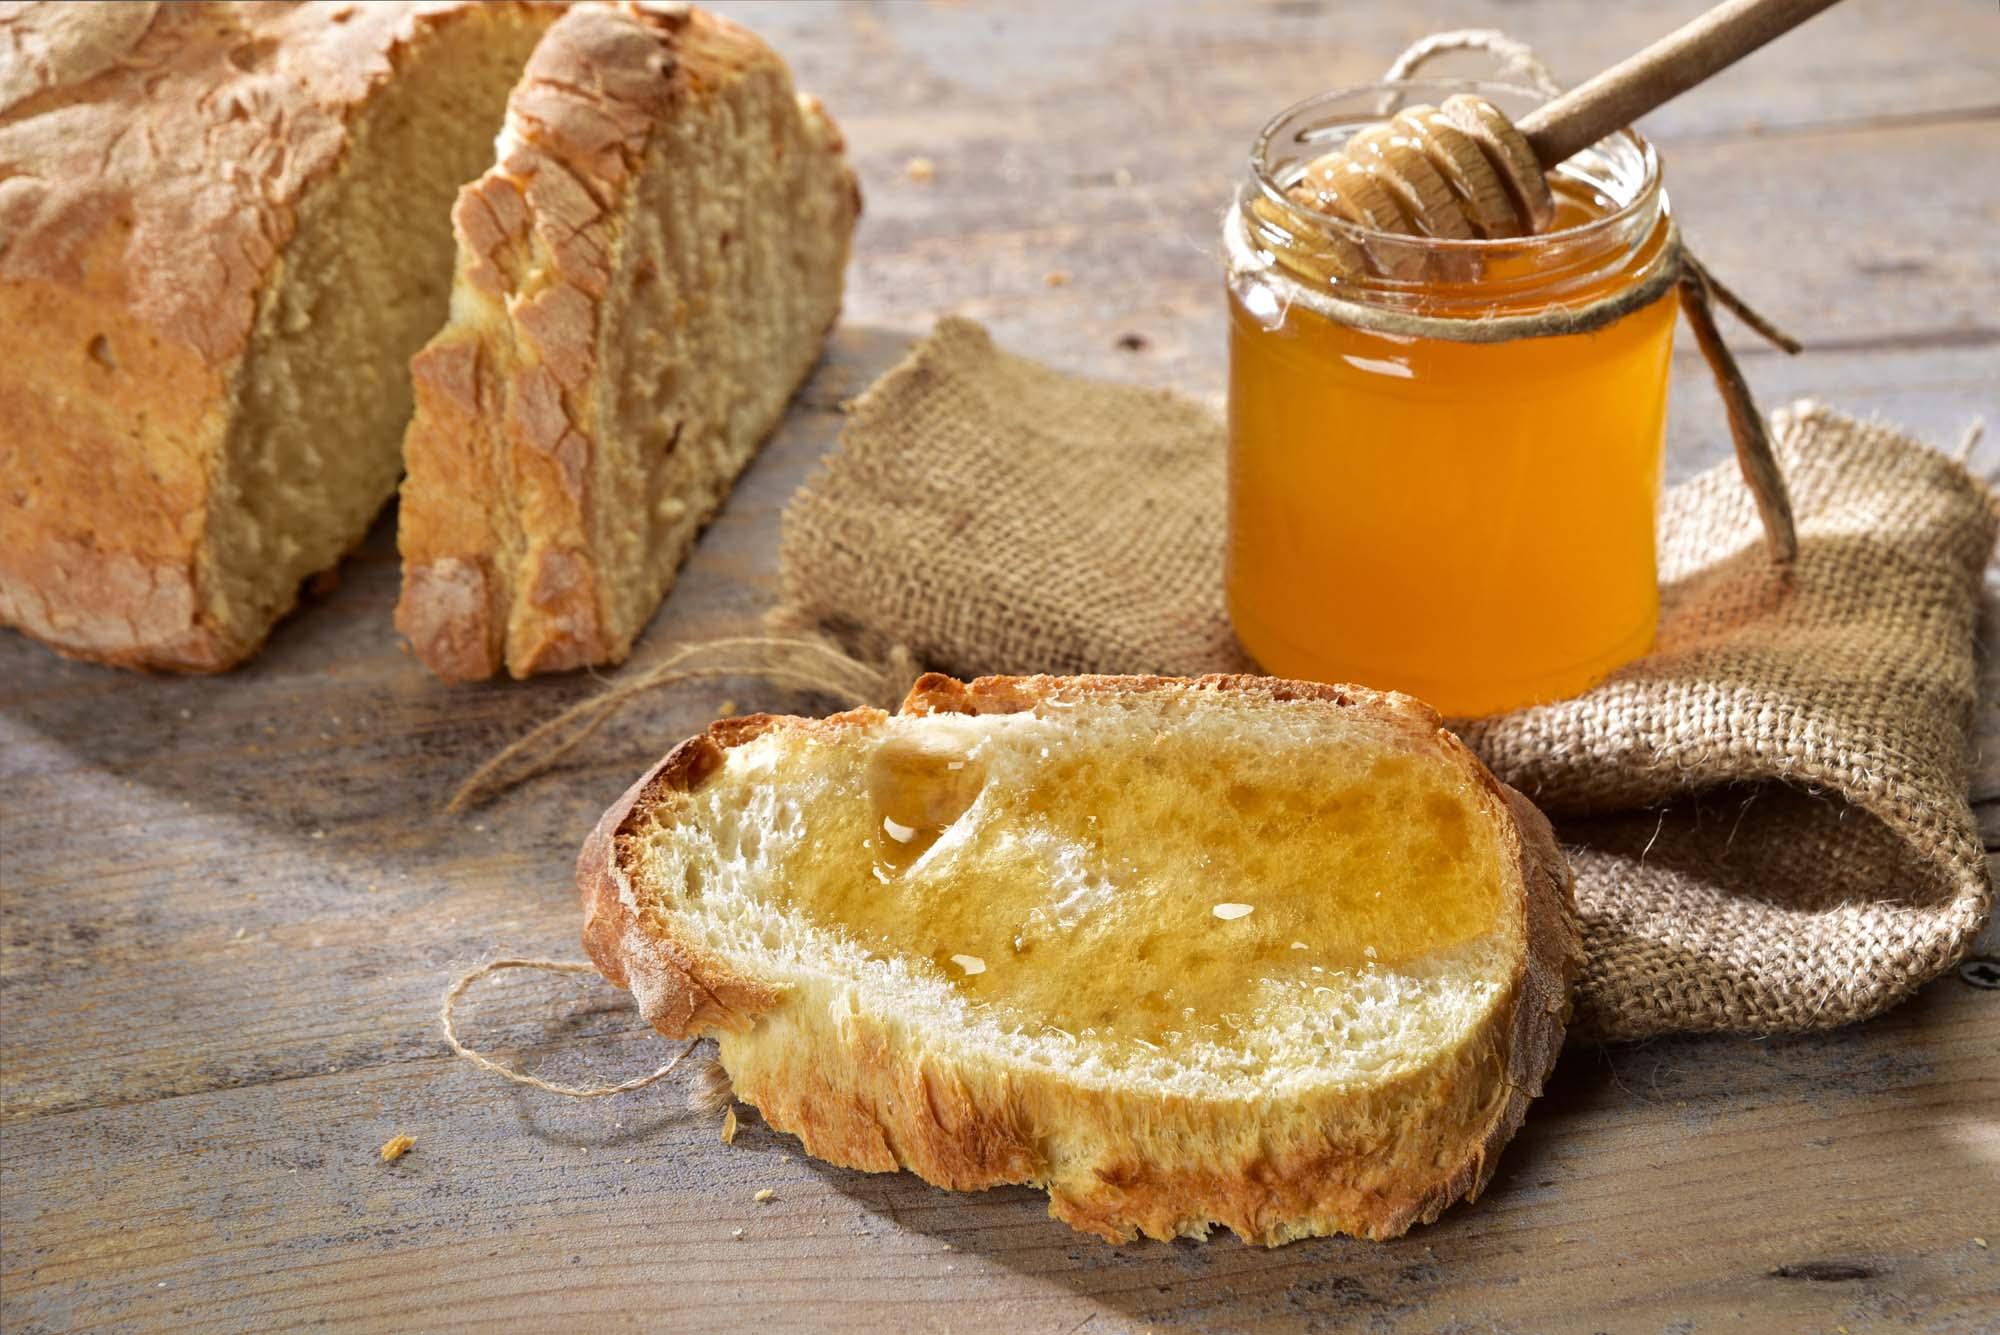 Afrikansk honning brød